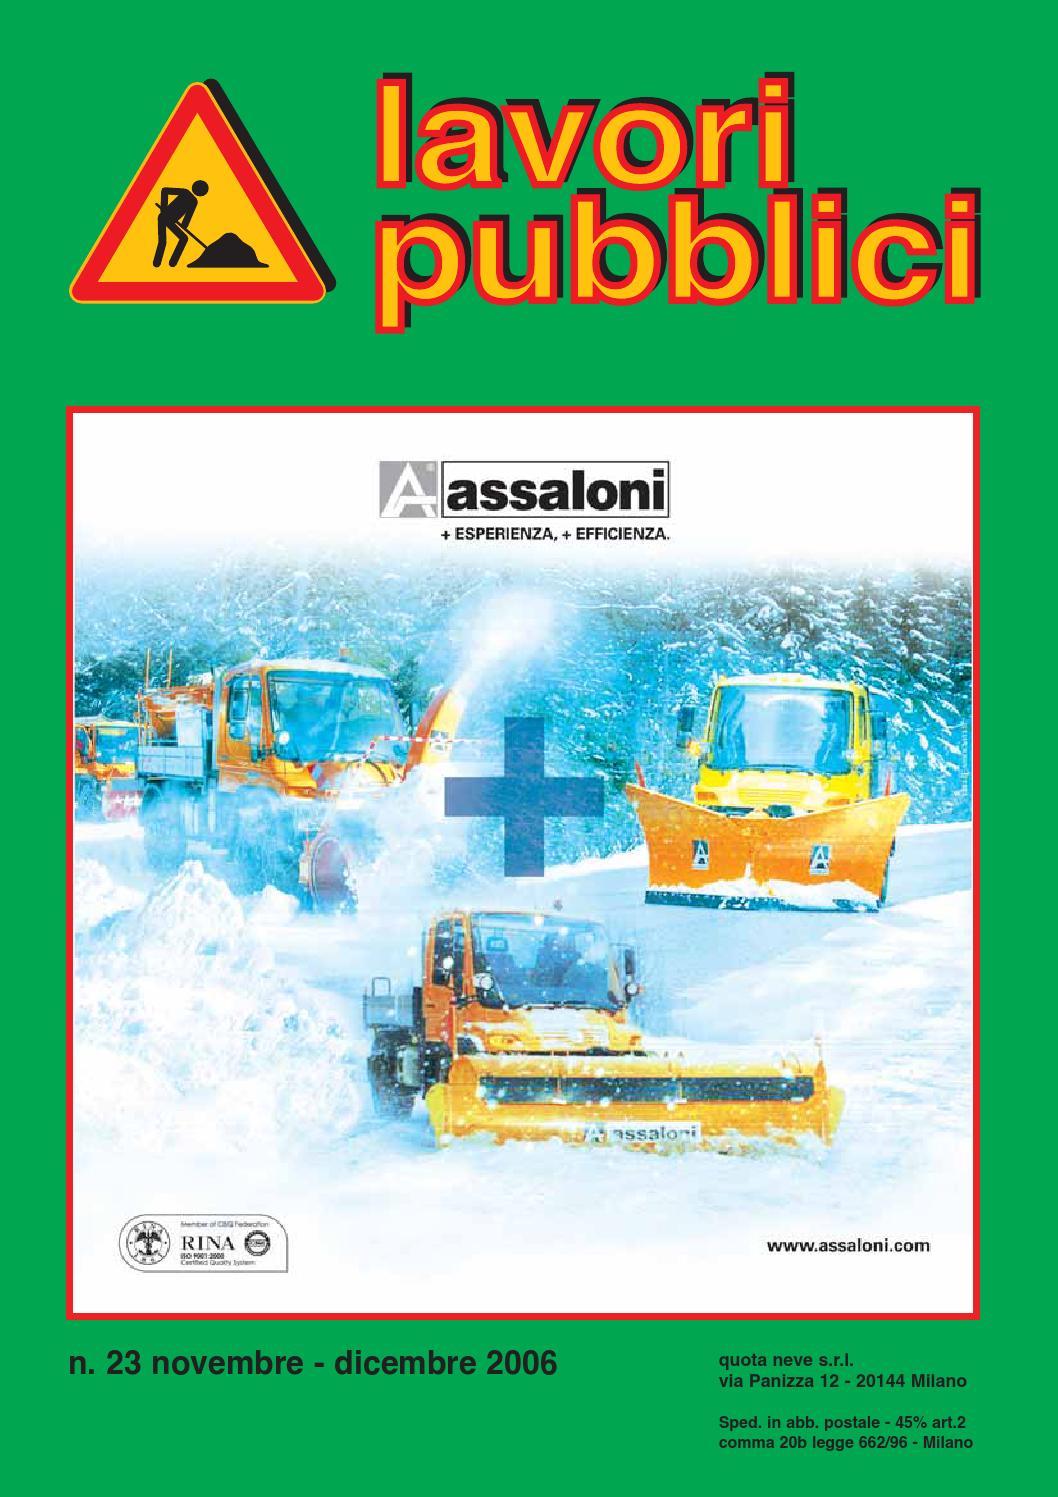 Lavori Pubblici 23 by Lavori Pubblici - issuu 4e91c2c8951